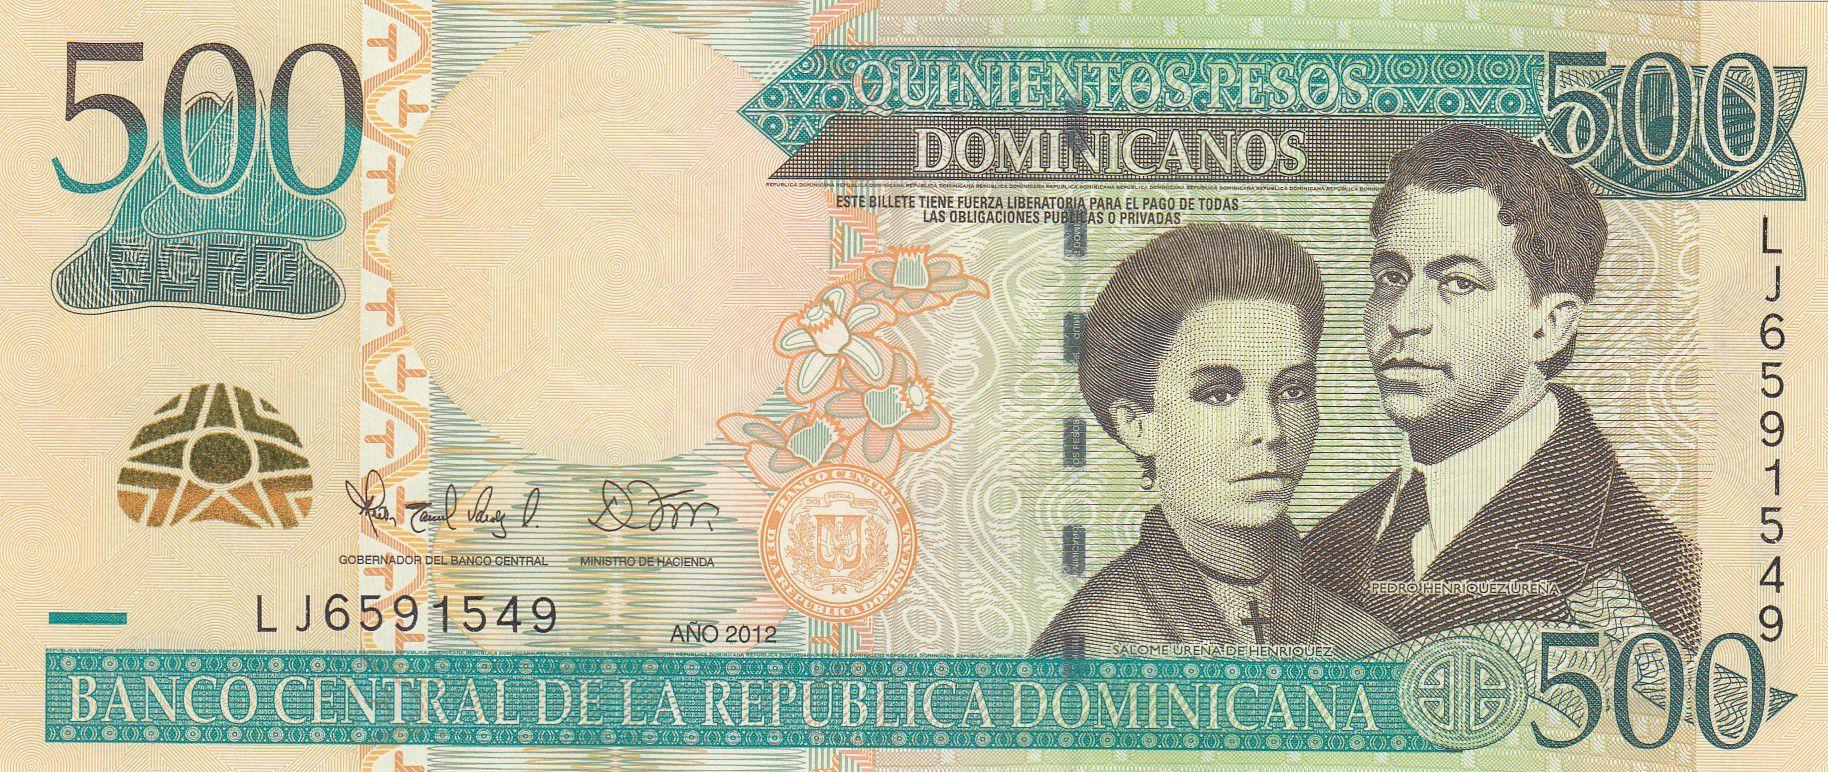 Dominicaine Rép. 500 Pesos S. U. de Enriquez, P. H. Zurena - 2012 - P.186b - Neuf